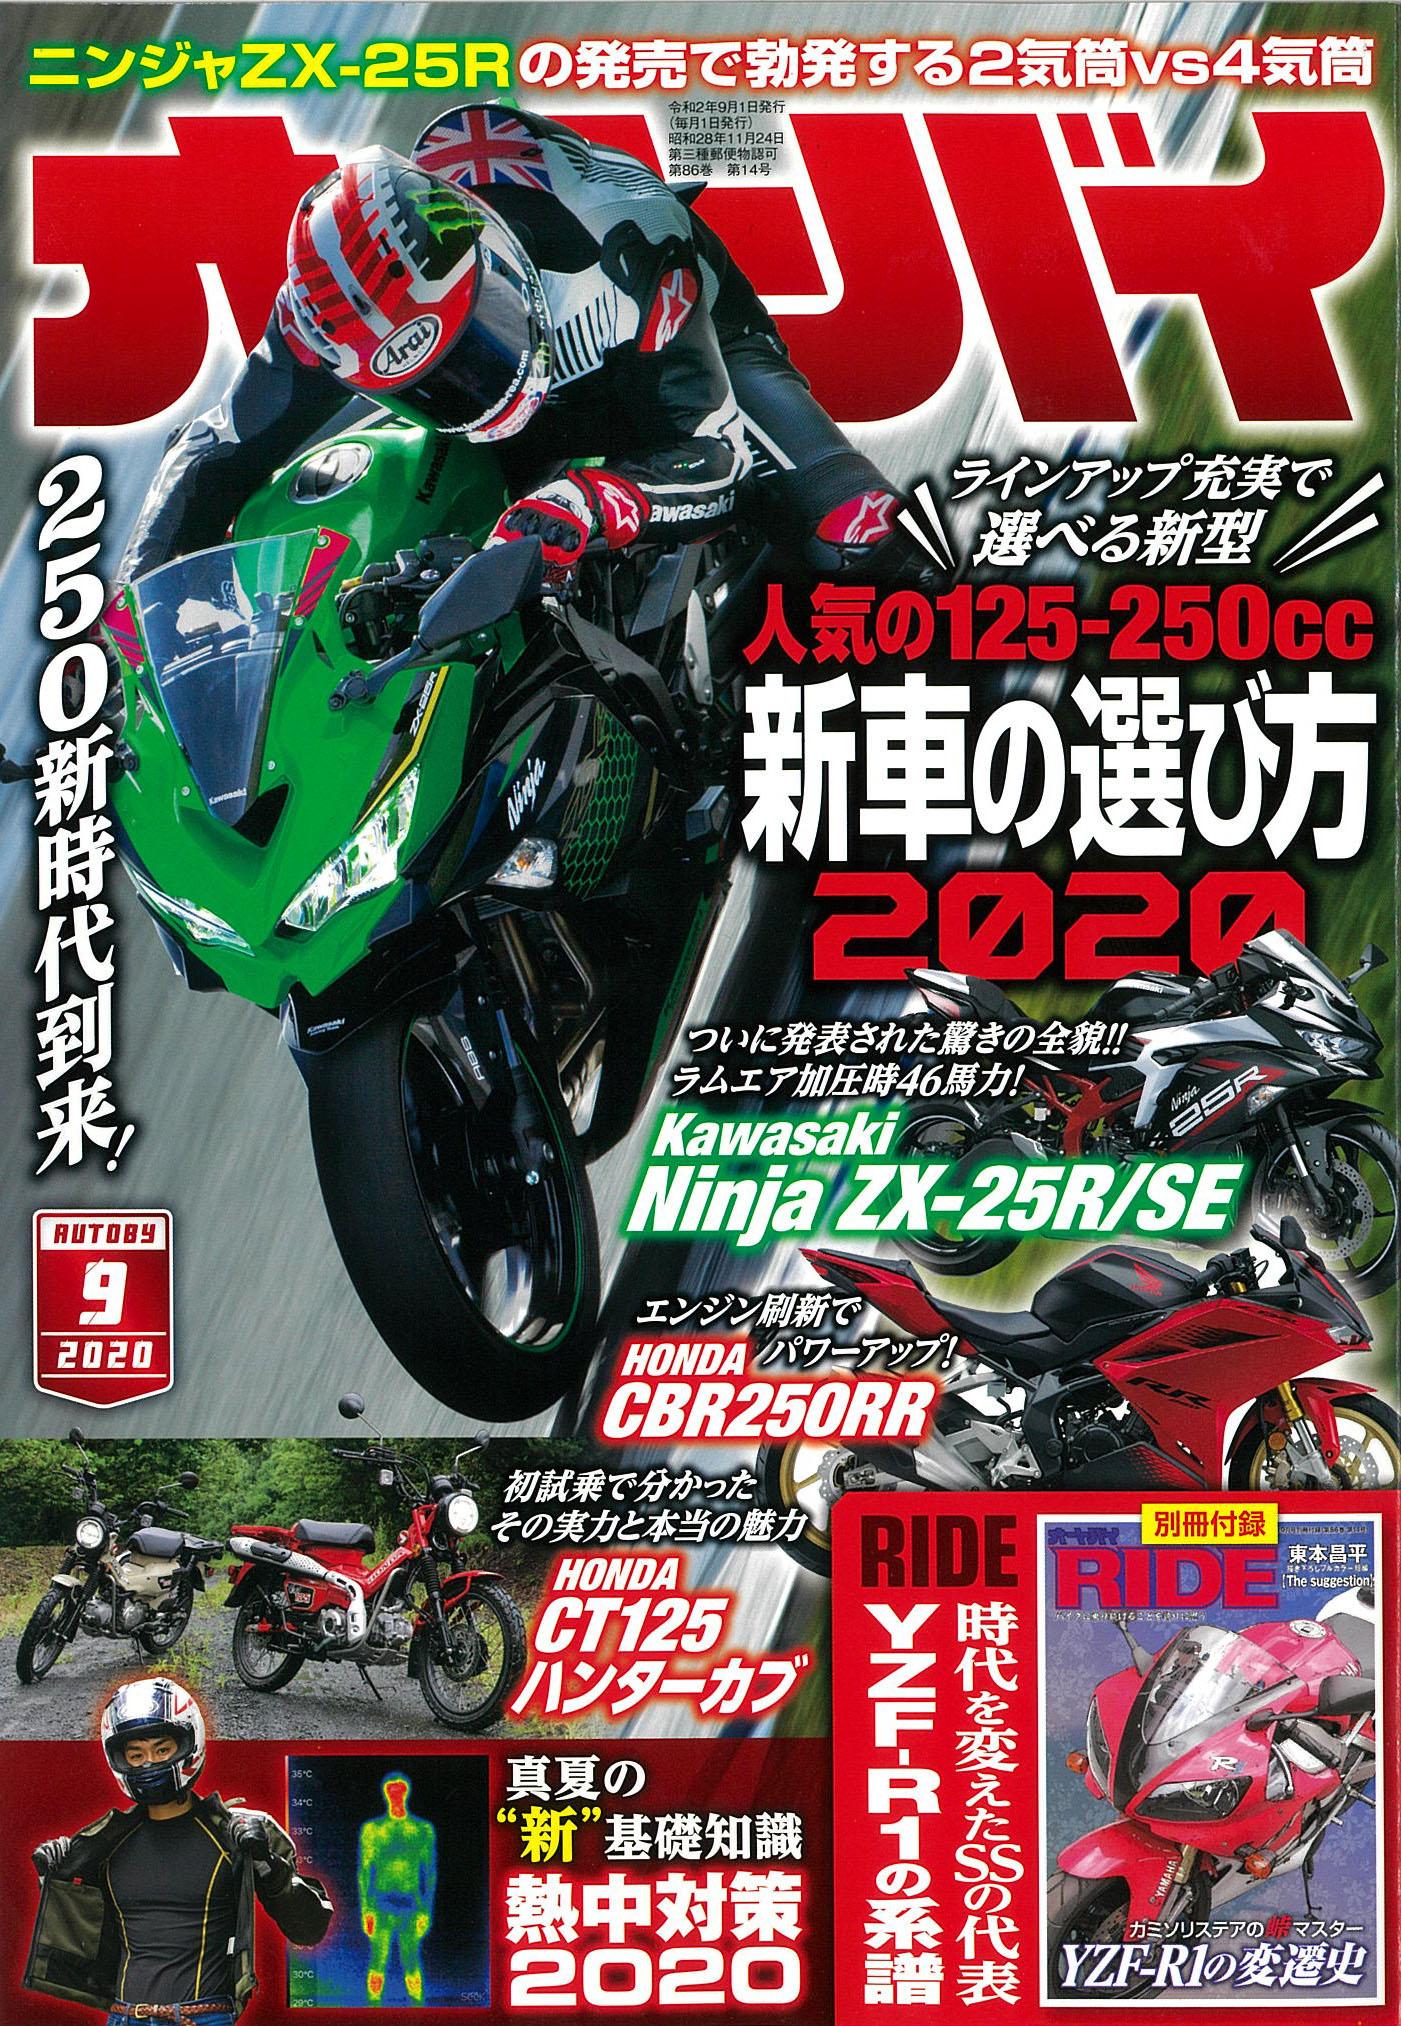 【オートバイ9月号掲載】FANTIC CABALLERO Flat Track250・SYM(エス・ワイ・エム)DRG BT